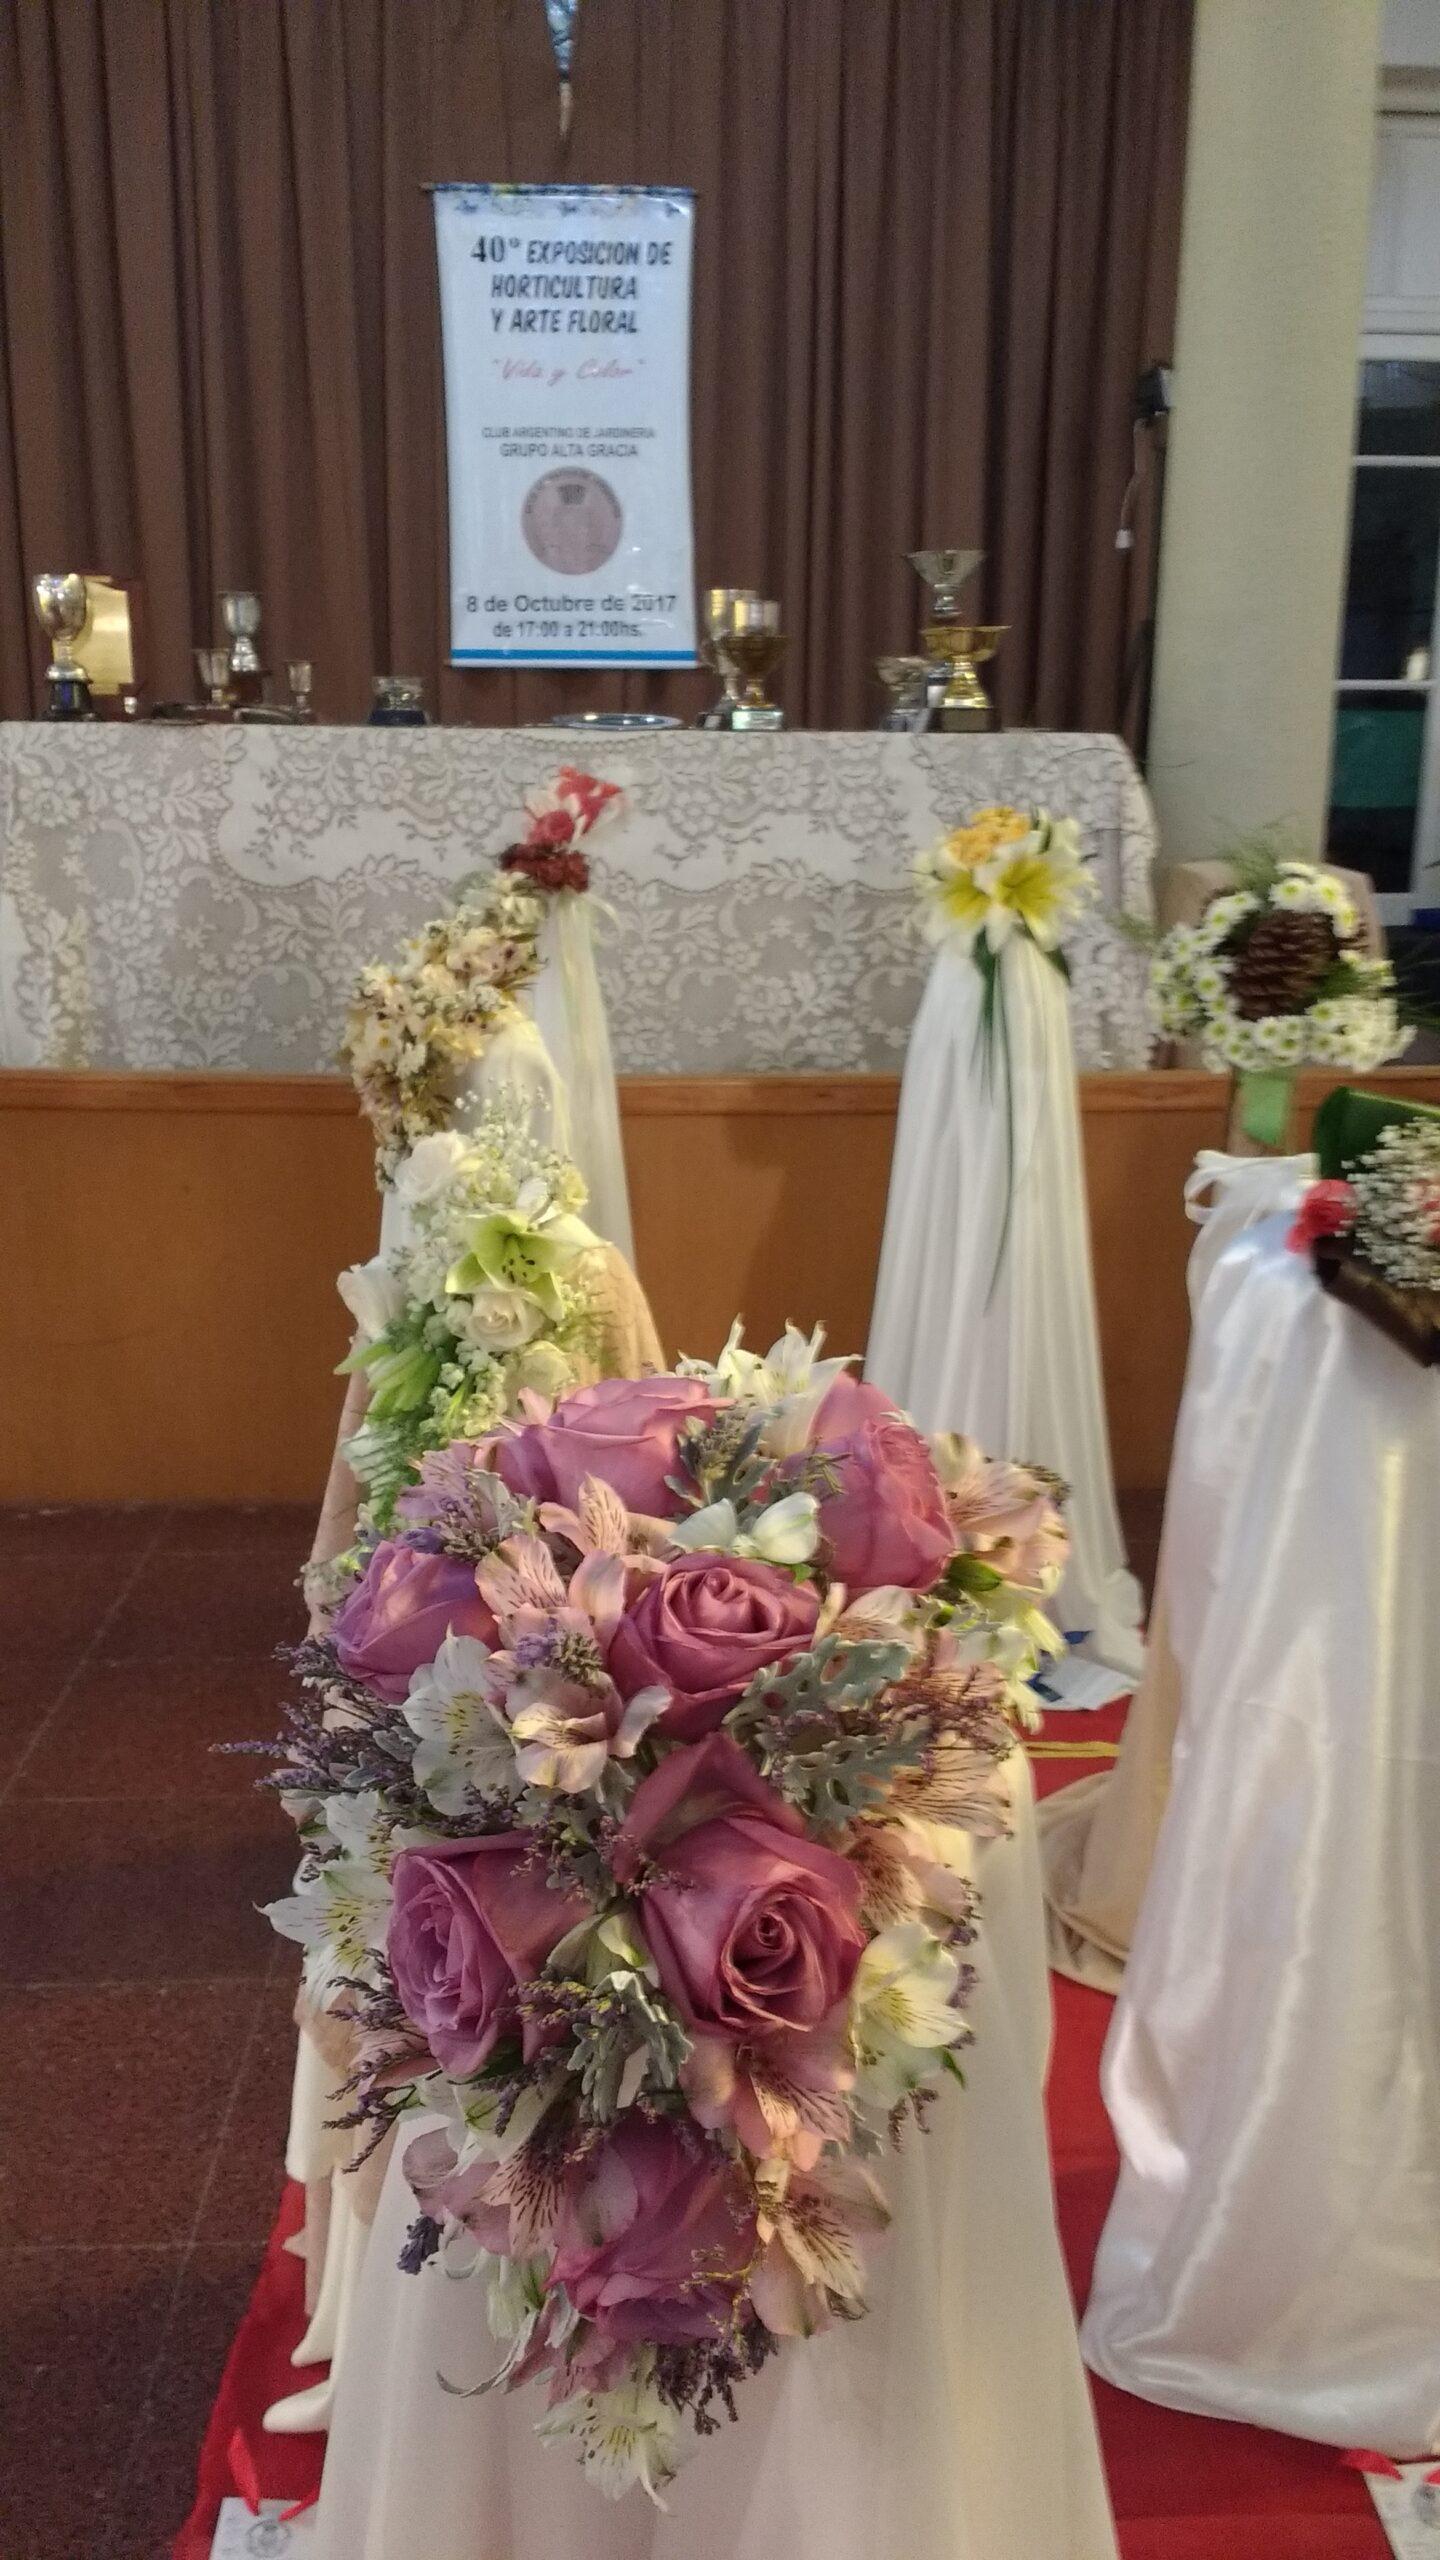 IMG 20171008 174937330 scaled - Se llevó a cabo la 40º Exposición floral en Alta Gracia